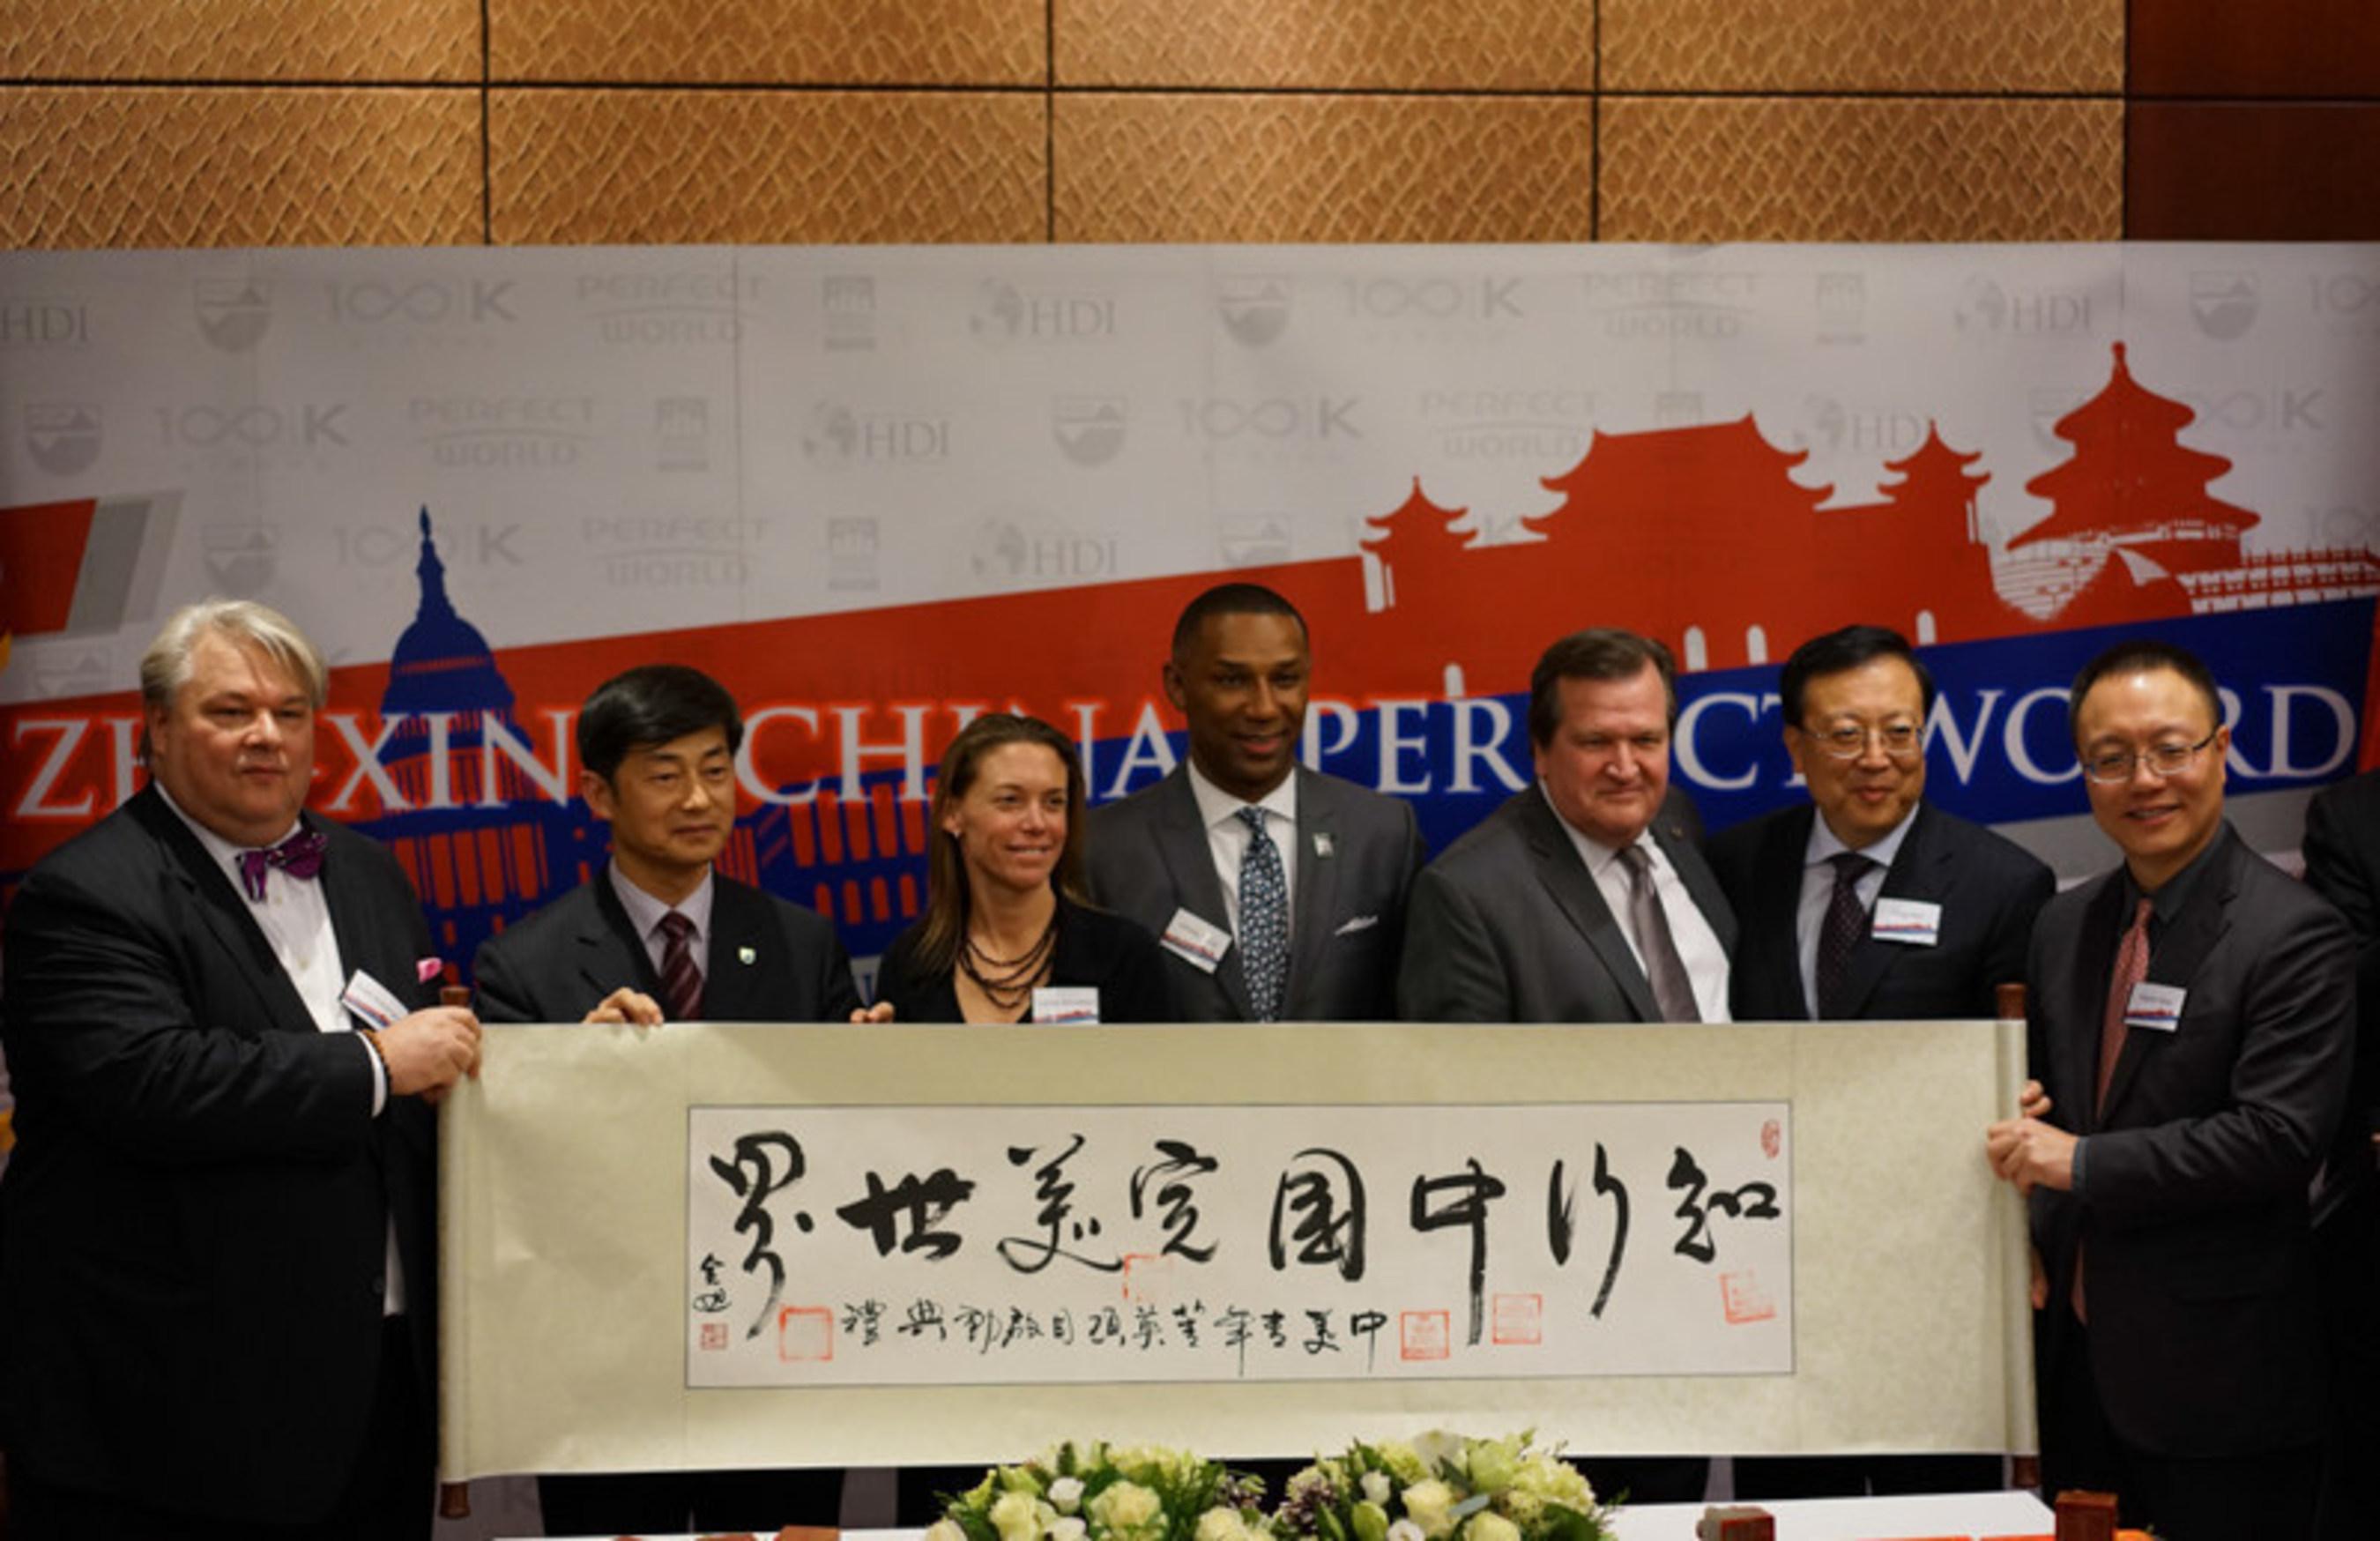 Il progetto di Perfect World per la giovane élite sino-americana, 'Access China' è stato lanciato